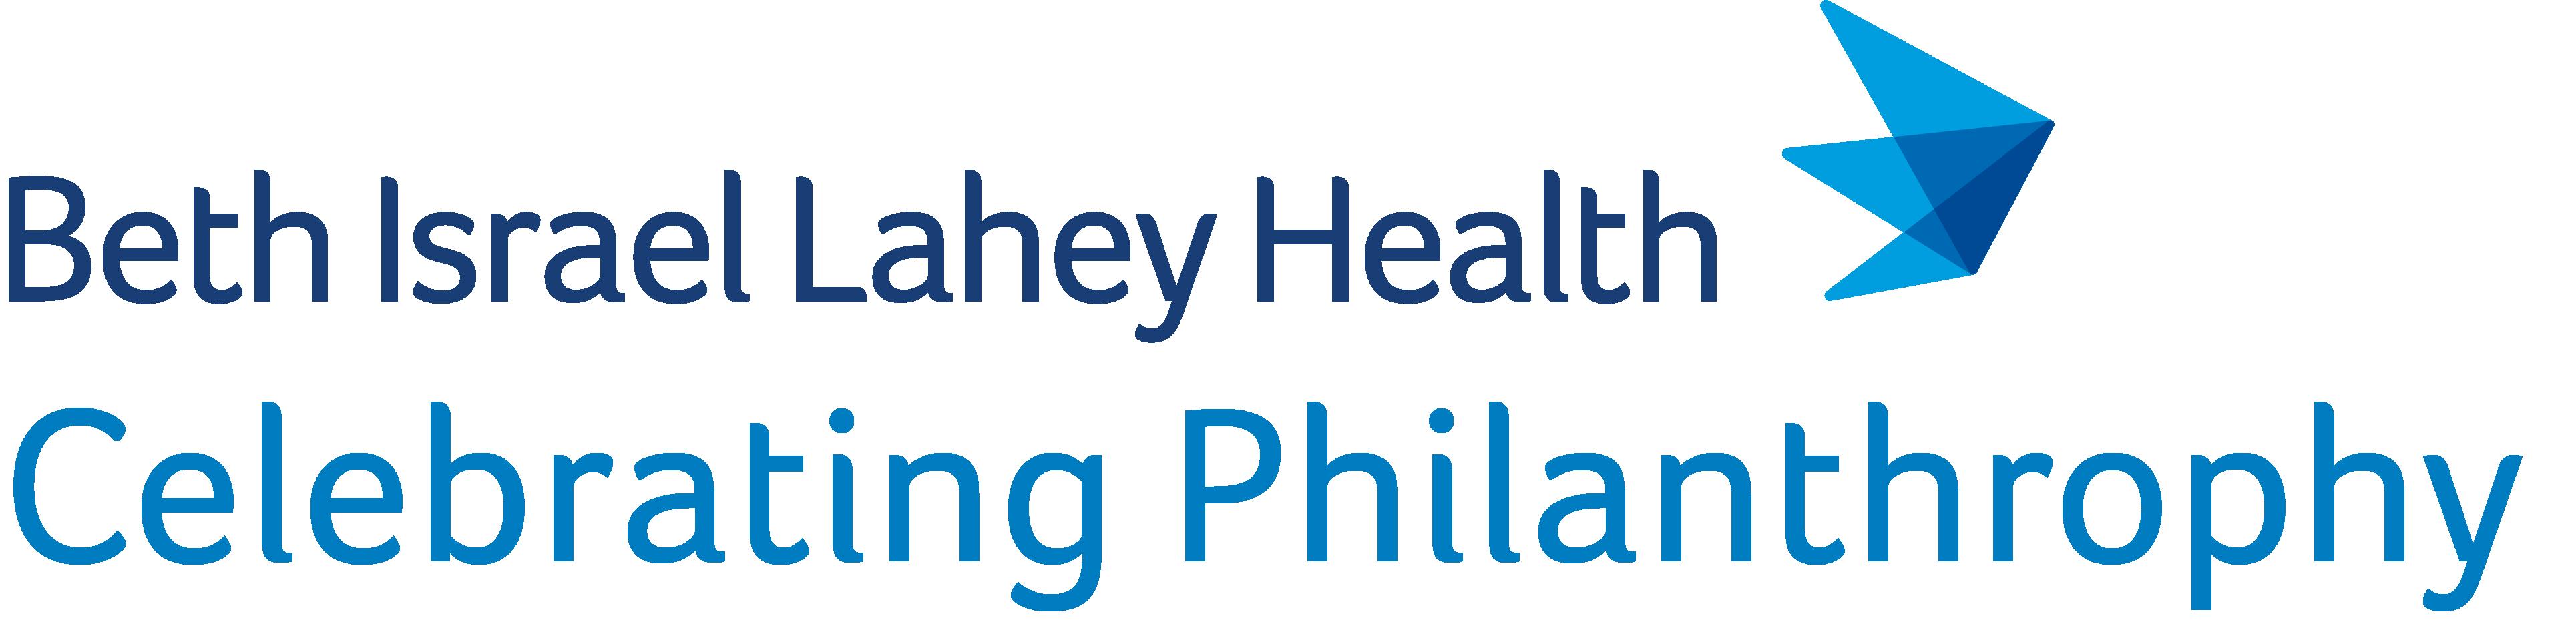 Beth Israel Lahey Health – Philanthropy logo